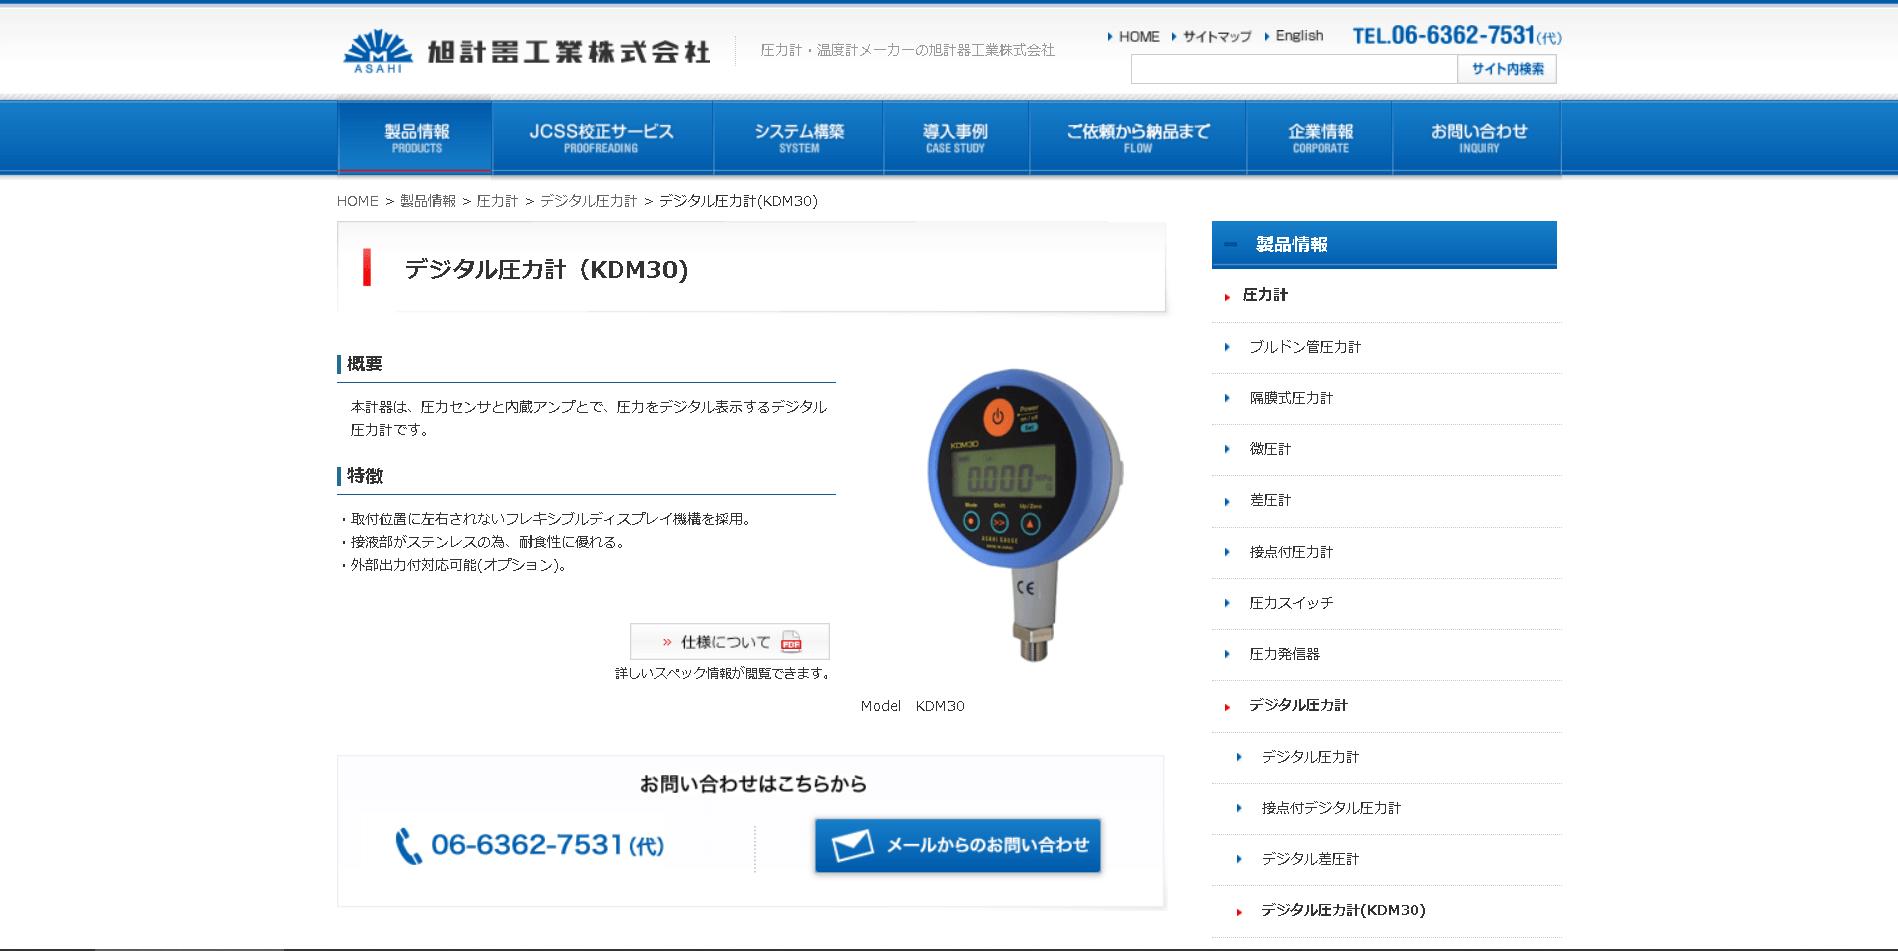 デジタル圧力計(KDM30)